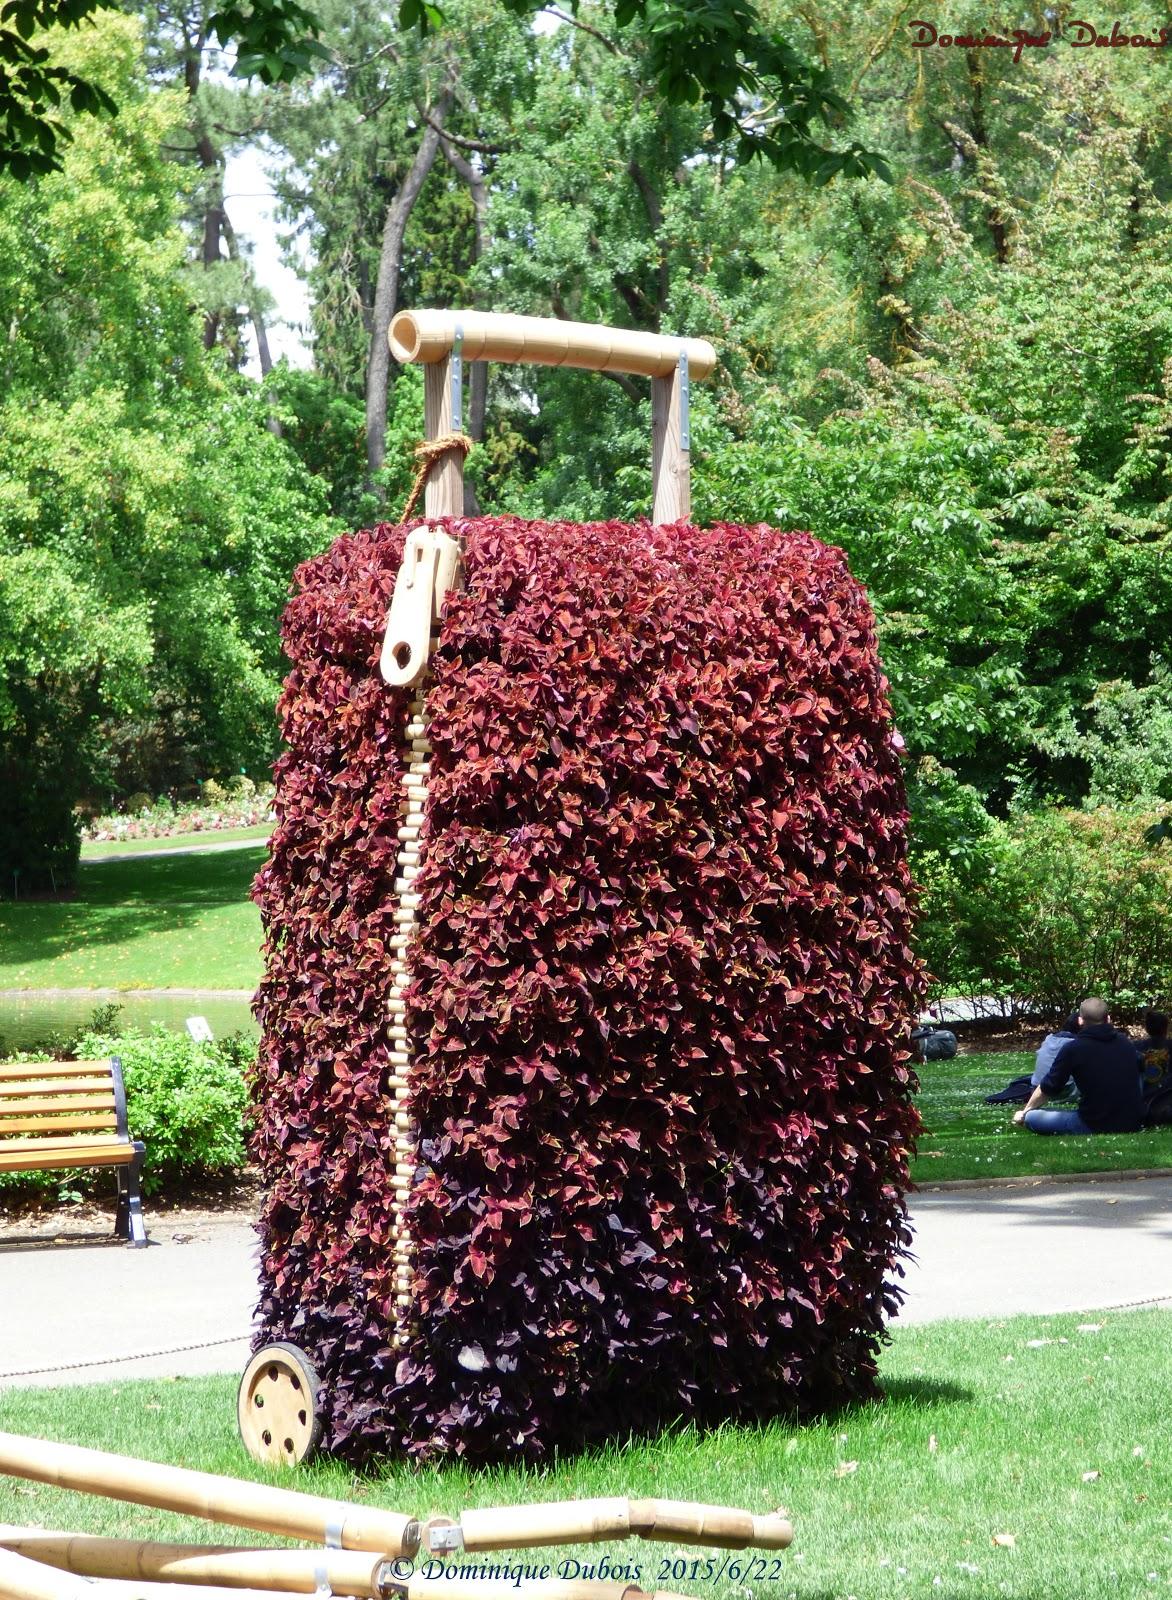 Le poussin de claude ponti jardin des plantes nantes le for Swing jardin nantes 2015